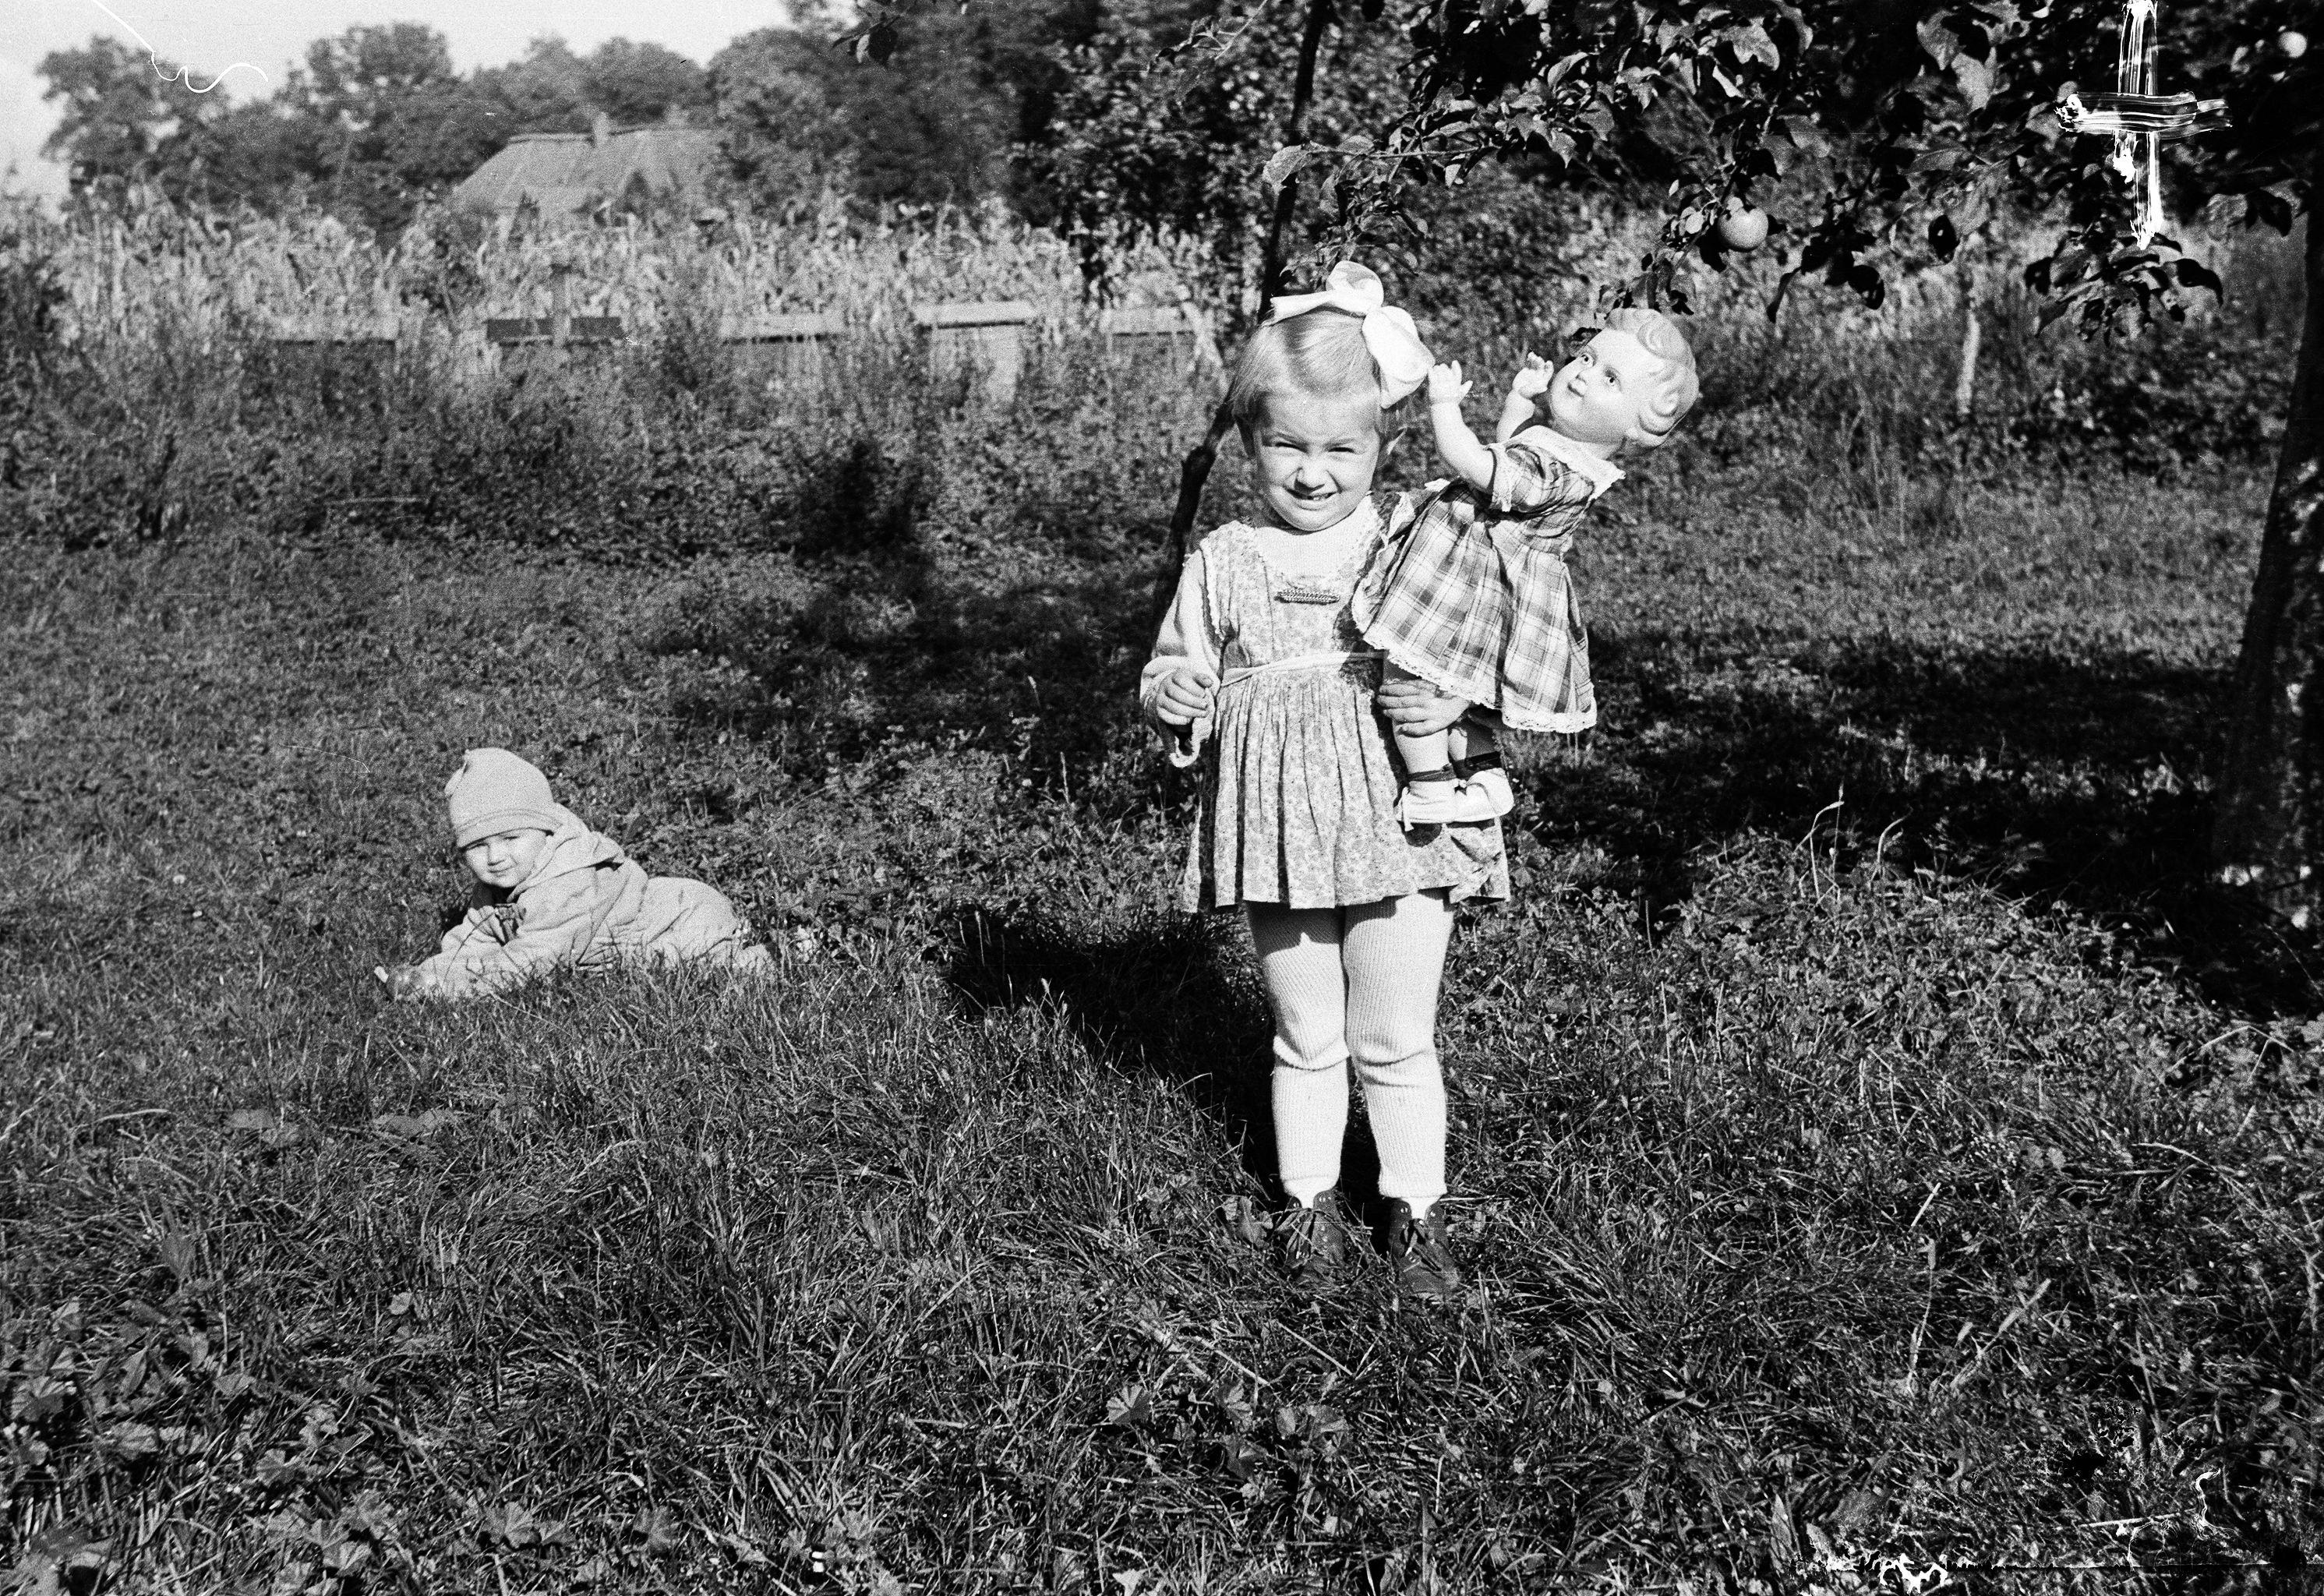 Alinka z Tereską - dzieci brata Antoniego i bratowej Marysi, Głębowice, Dolny Śląsk, lata 50. XX w.